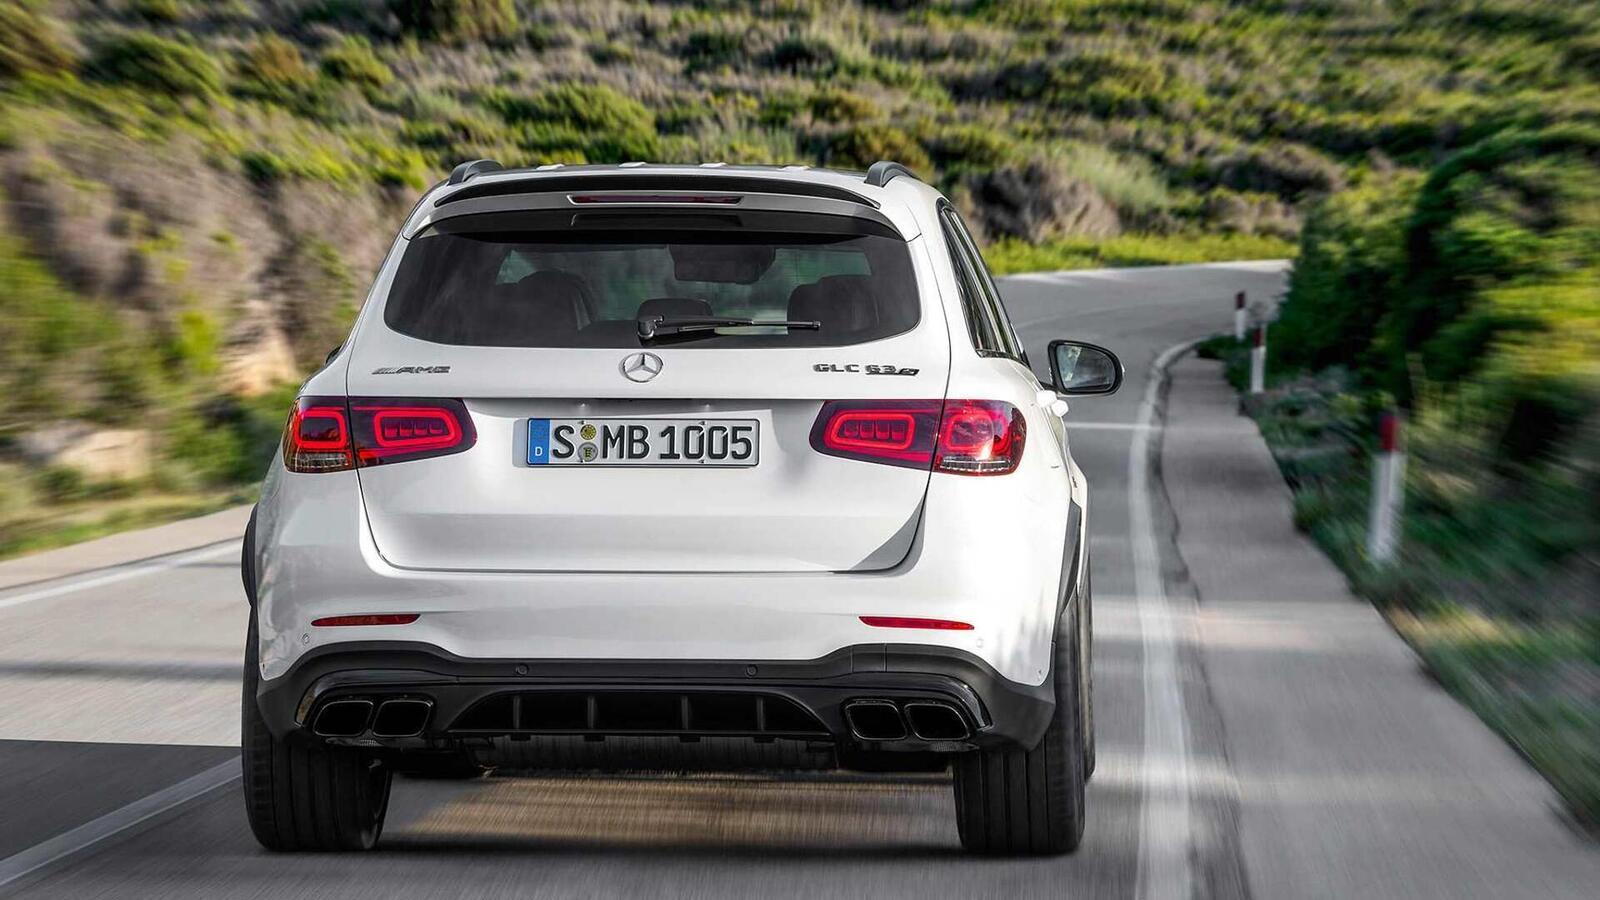 Mercedes-AMG giới thiệu GLC và GLC Coupe 63 mới lắp động cơ V8 4.0L Biturbo mạnh hơn 460 mã lực - Hình 3